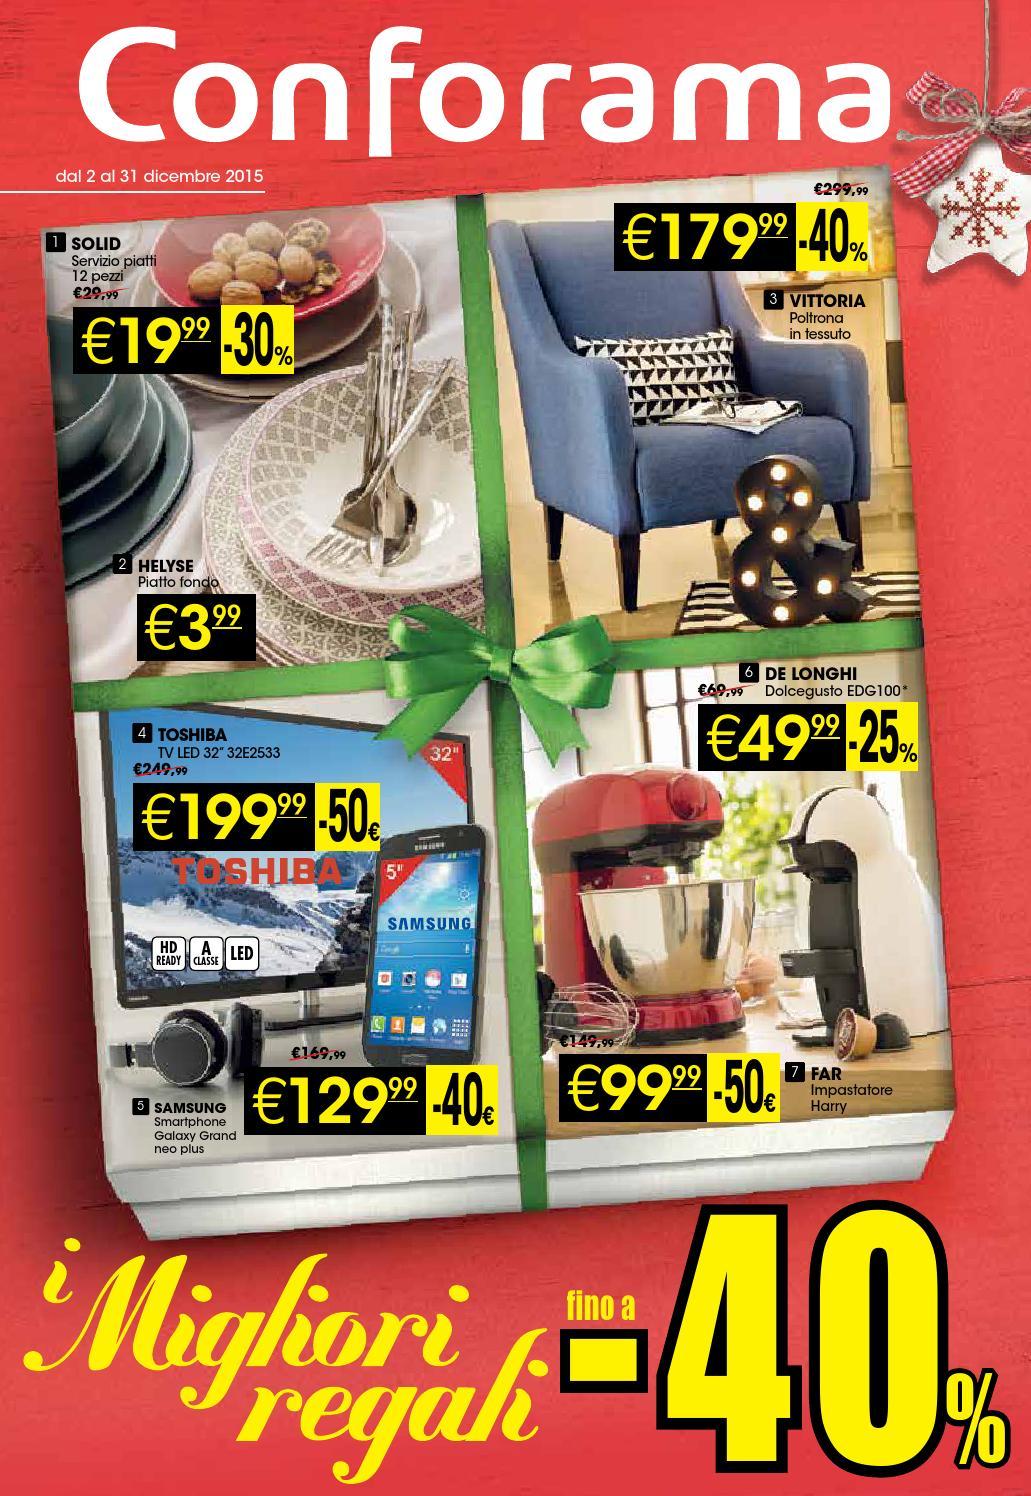 conforama volantino 2 31dicembre2015 by catalogopromozioni. Black Bedroom Furniture Sets. Home Design Ideas